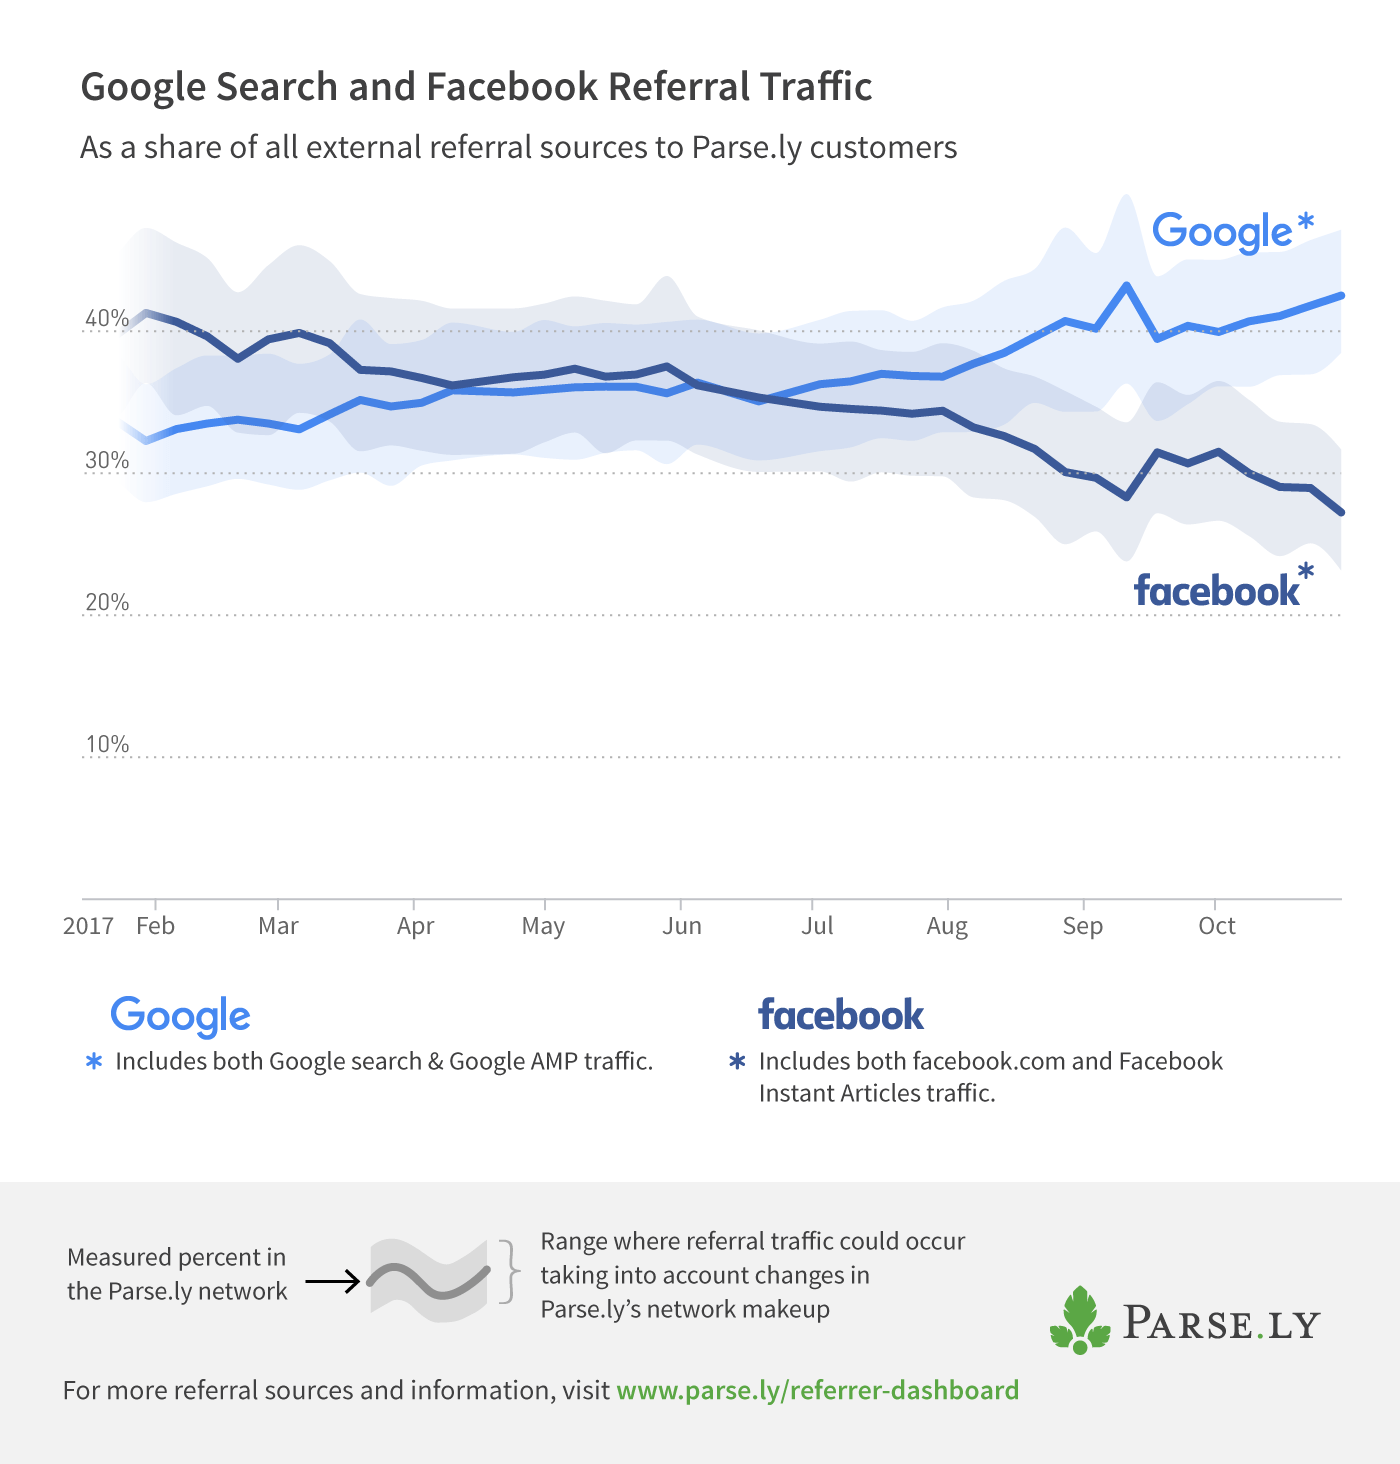 google-v-facebook-percentages-1.png